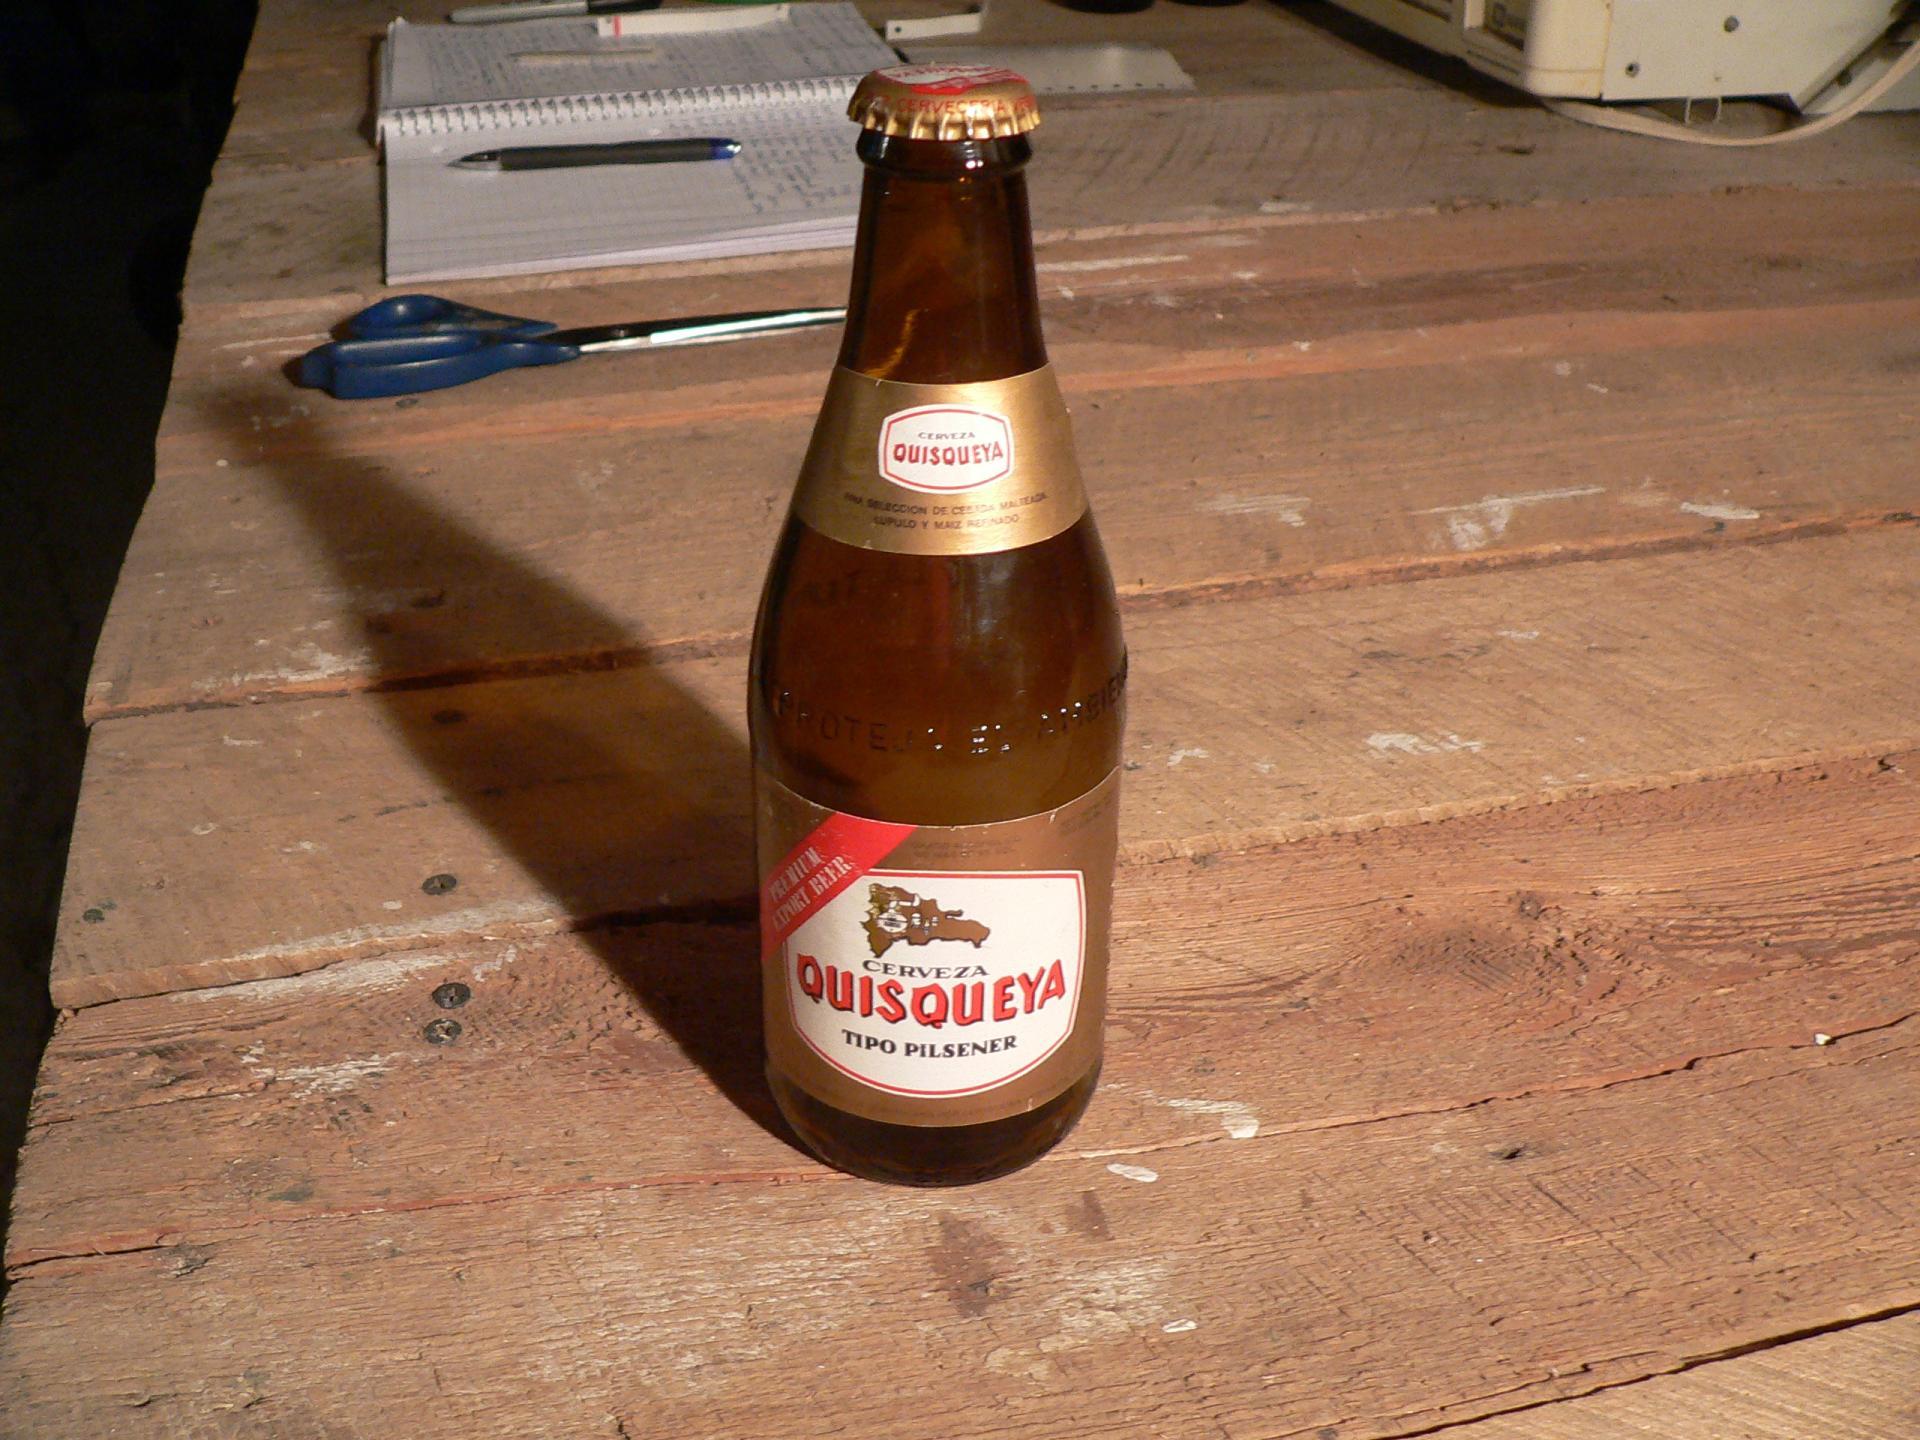 Bière cerveza quisqueya # 4739.19